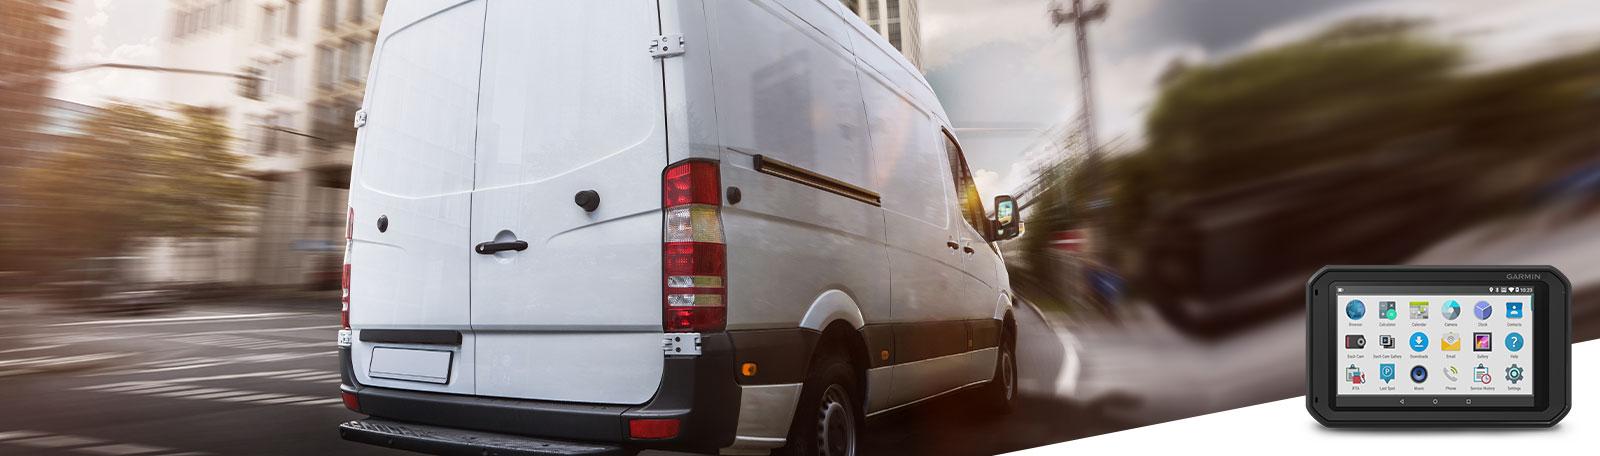 Richiesta informazioni sui prodotti Garmin dedicati al fleet management